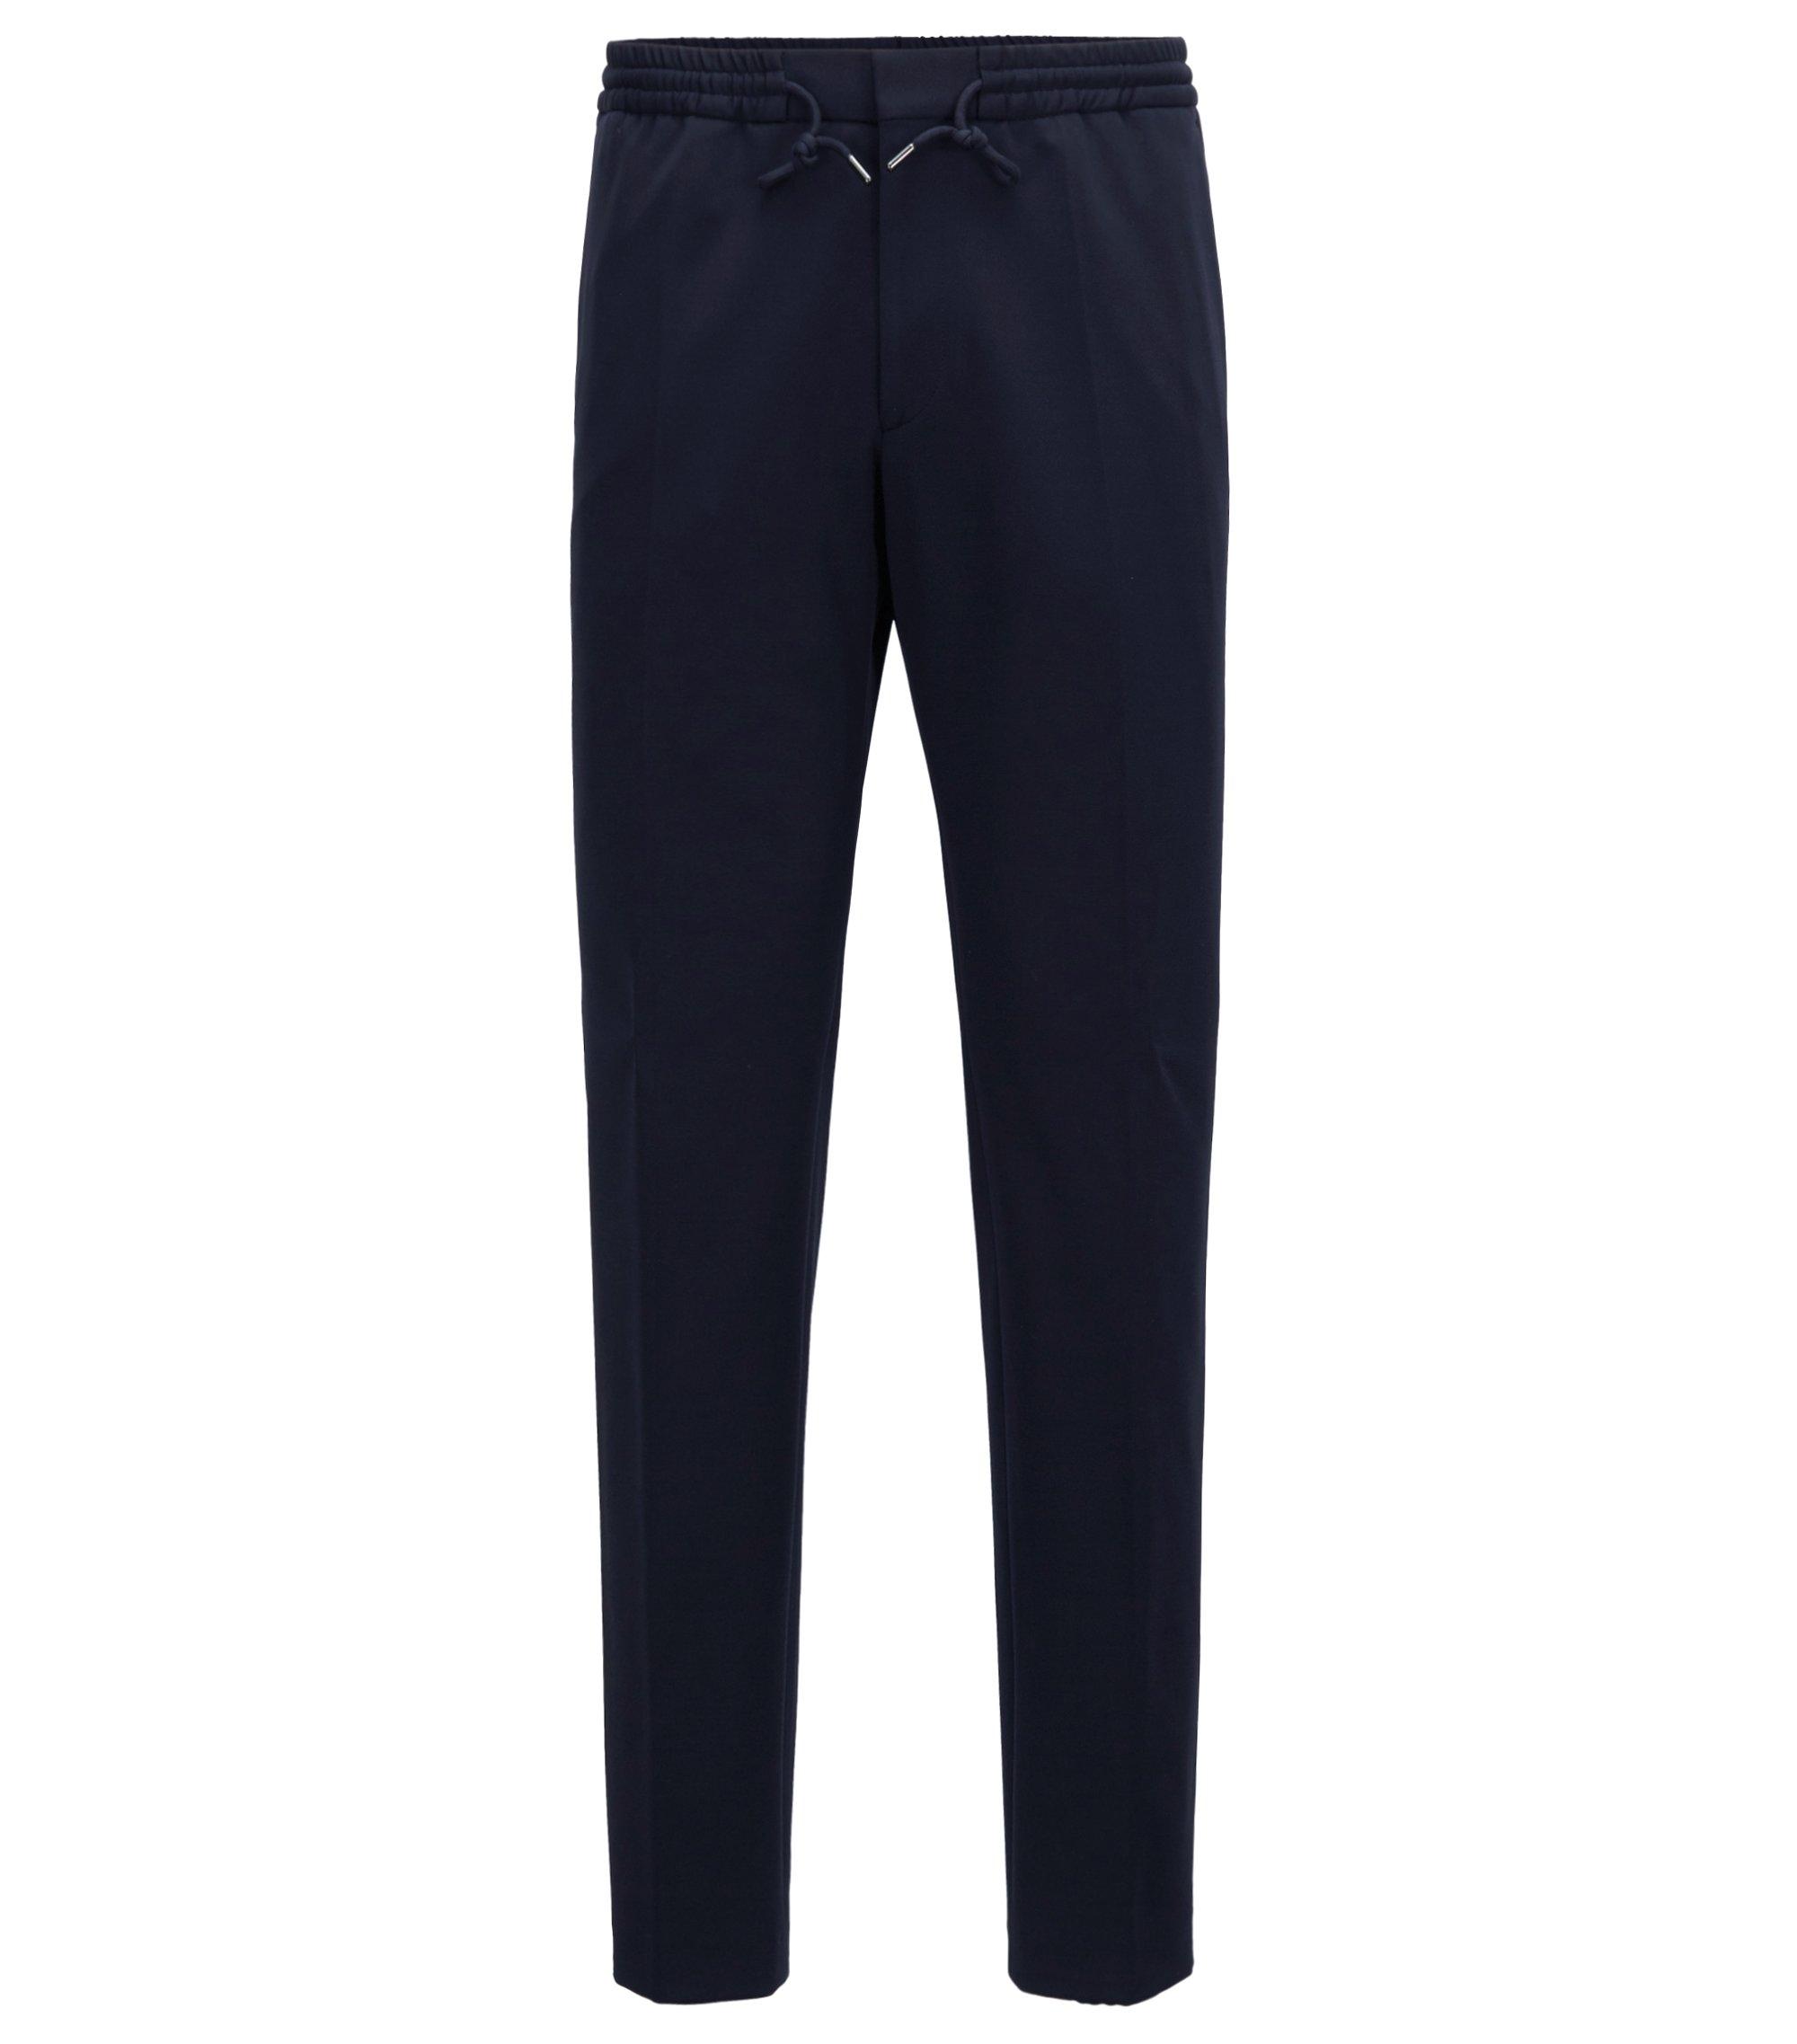 Pantalon Slim Fit en tissu stretch à taille élastique, Bleu foncé